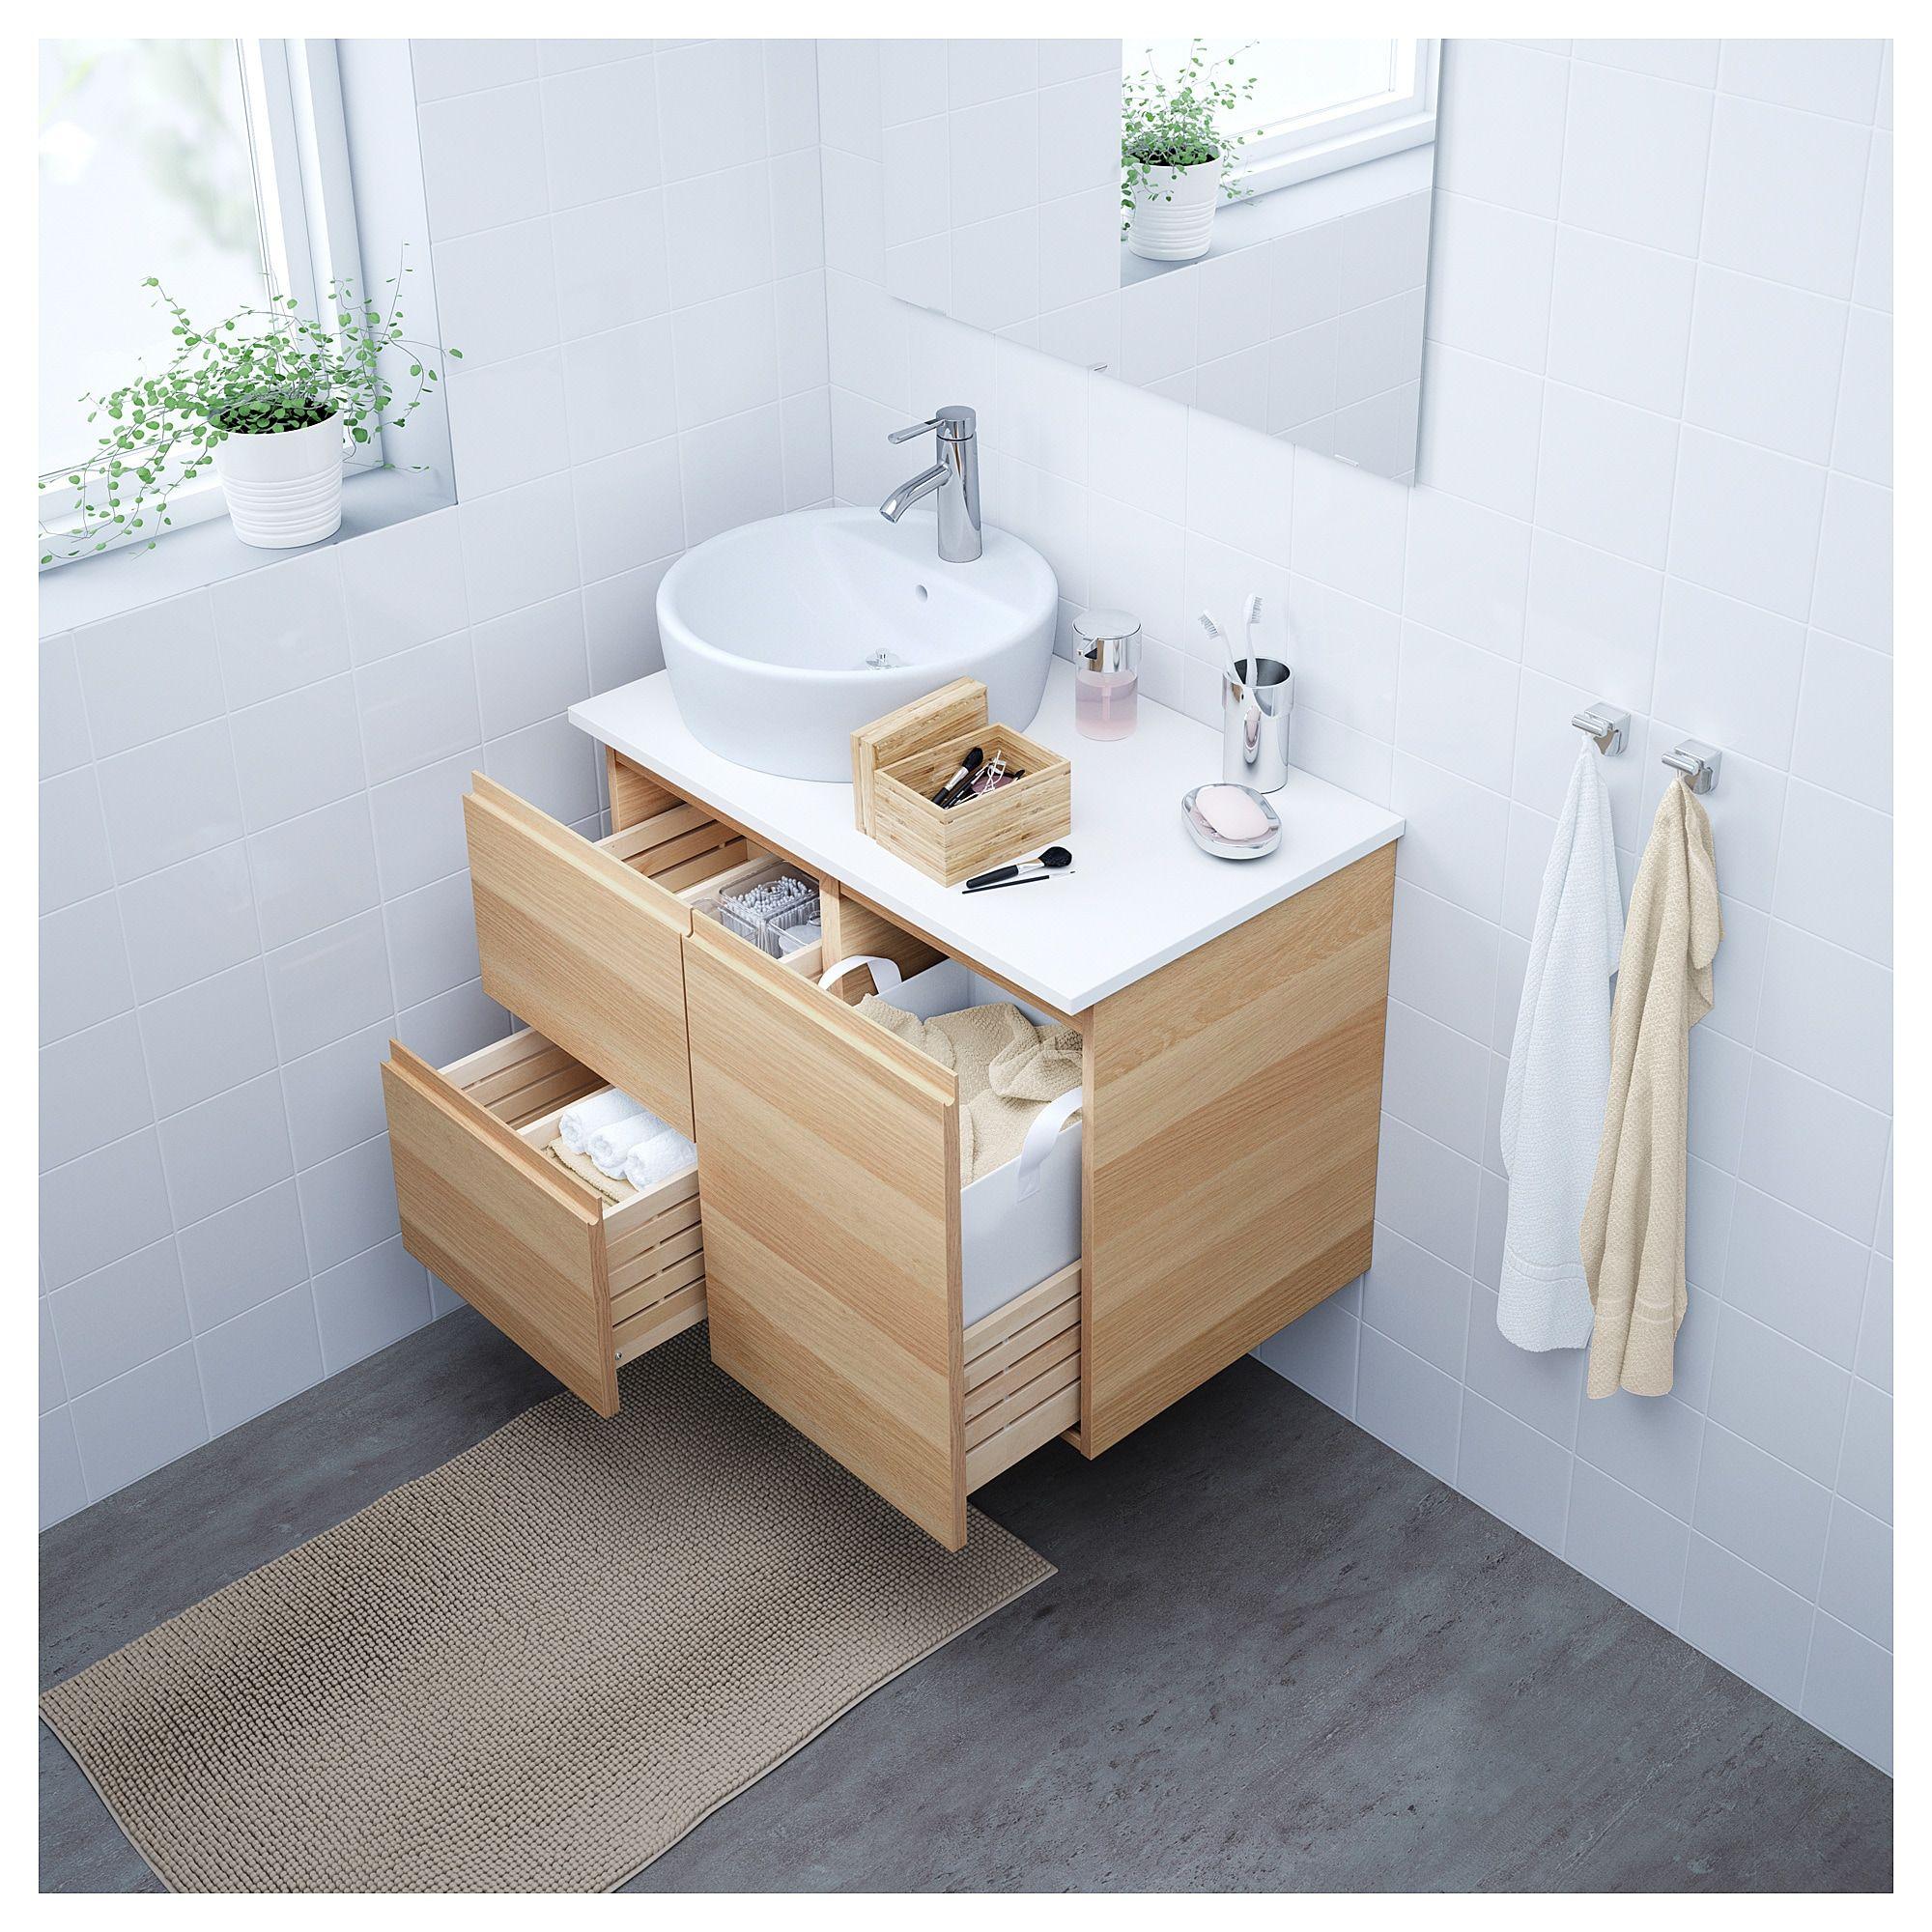 Godmorgon Wascheschrank Eicheneff Wlas Waschbeckenschrank Ikea